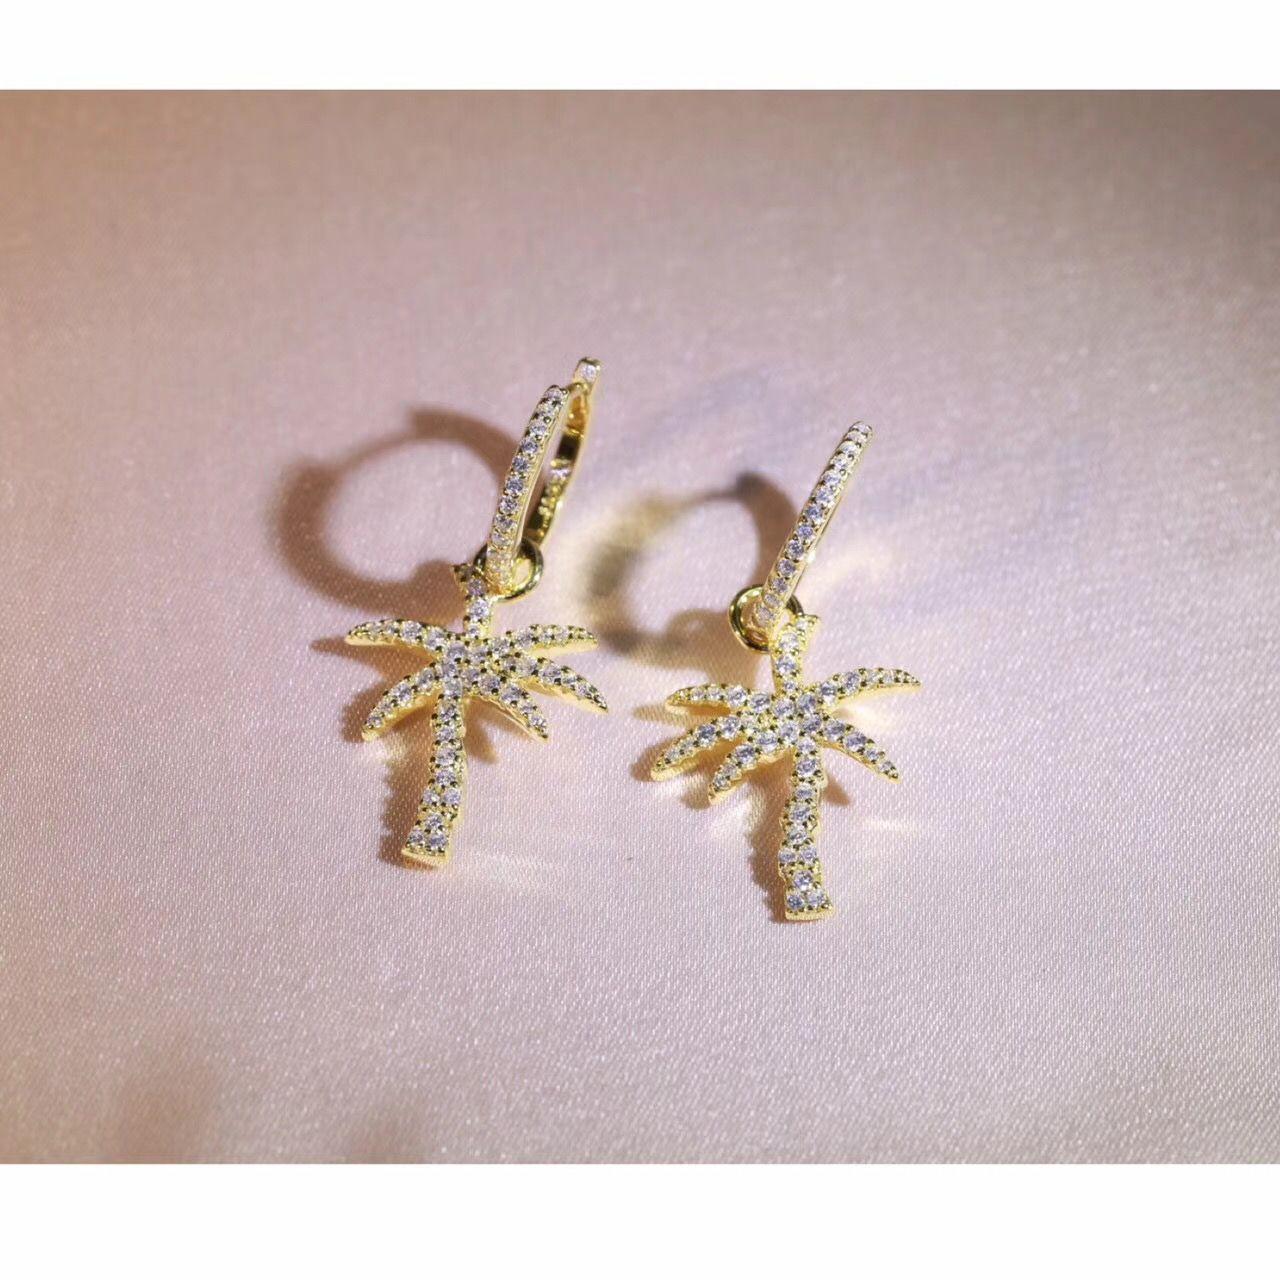 925 فضة الأزياء بسيط المرأة جوز الهند شجرة النخيل استرخى القرط إسقاط أقراط الصيف عطلة هاواي حلق مجوهرات الانجليزية قفل